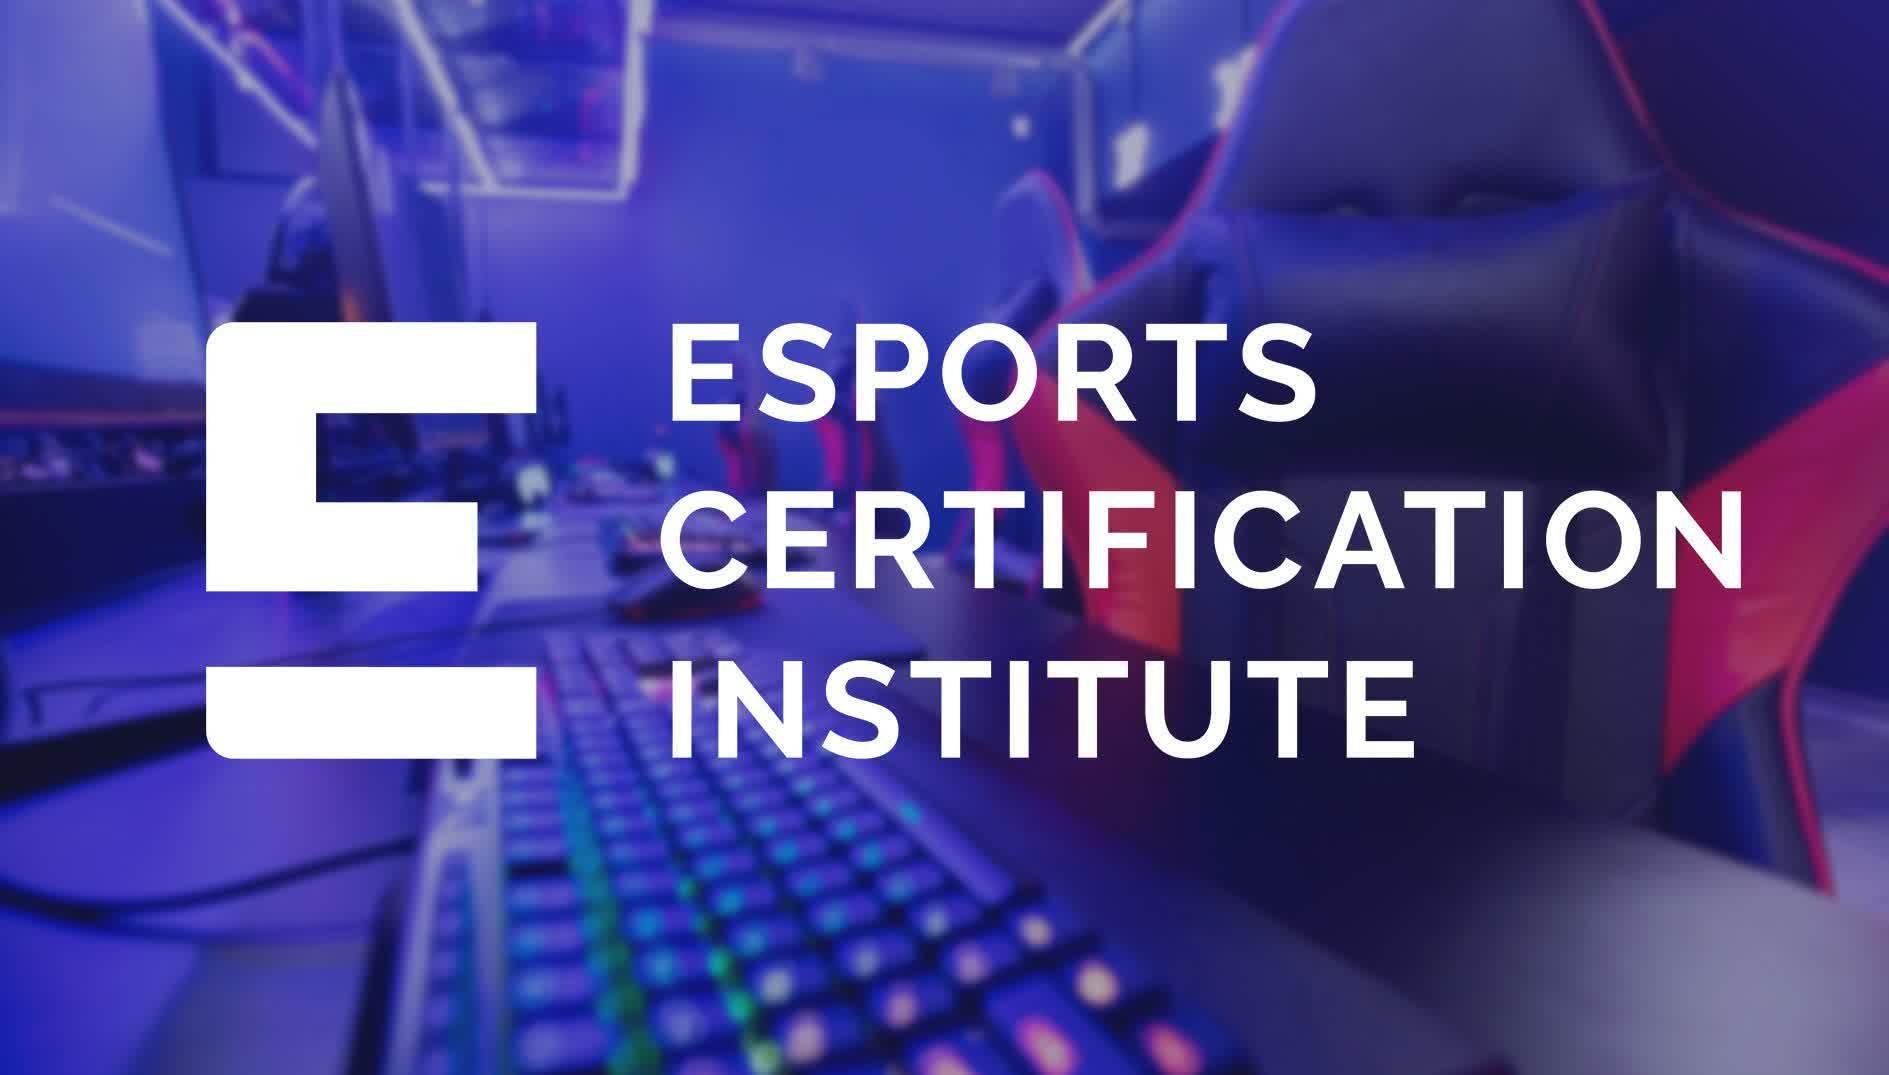 Cette societe propose une certification e sport de 400 pour